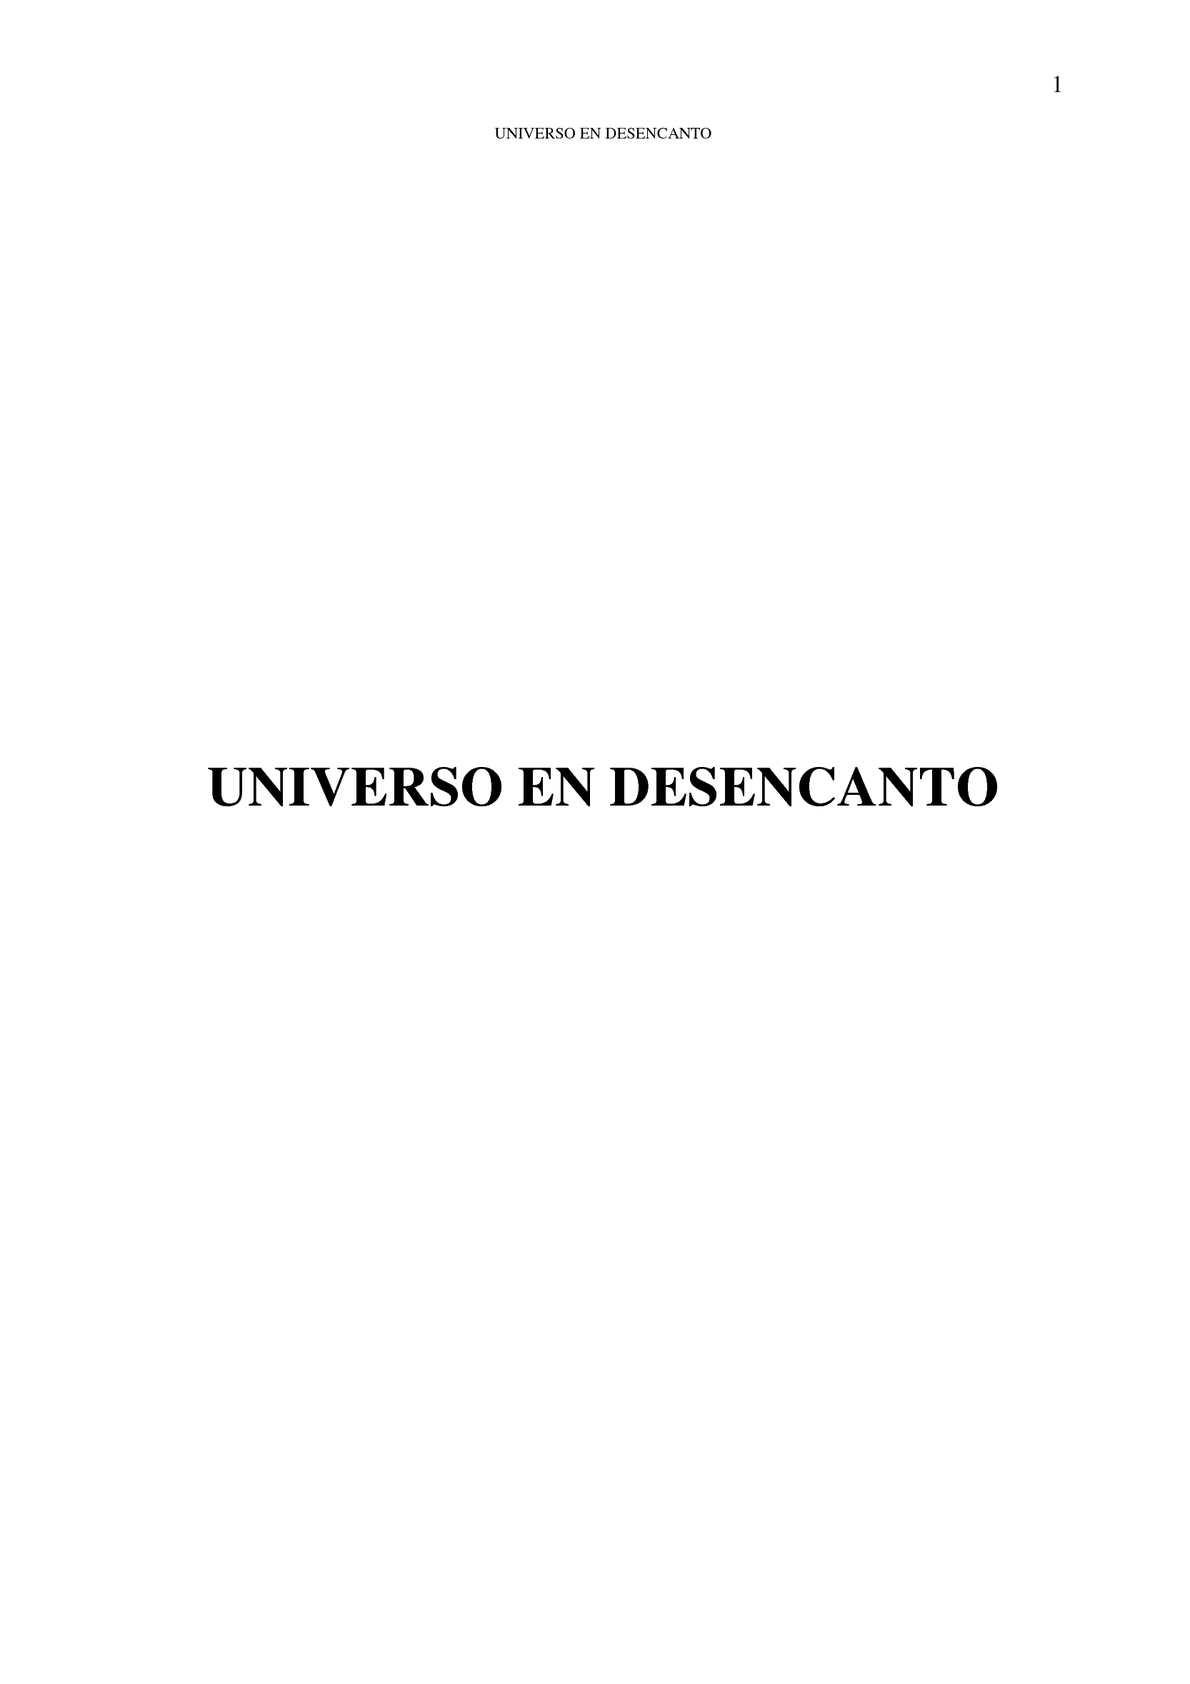 UNIVERSO EN DESENCANTO espanol - De dónde todos vinieron y para dónde todos van. Cómo vinieron y cómo van.